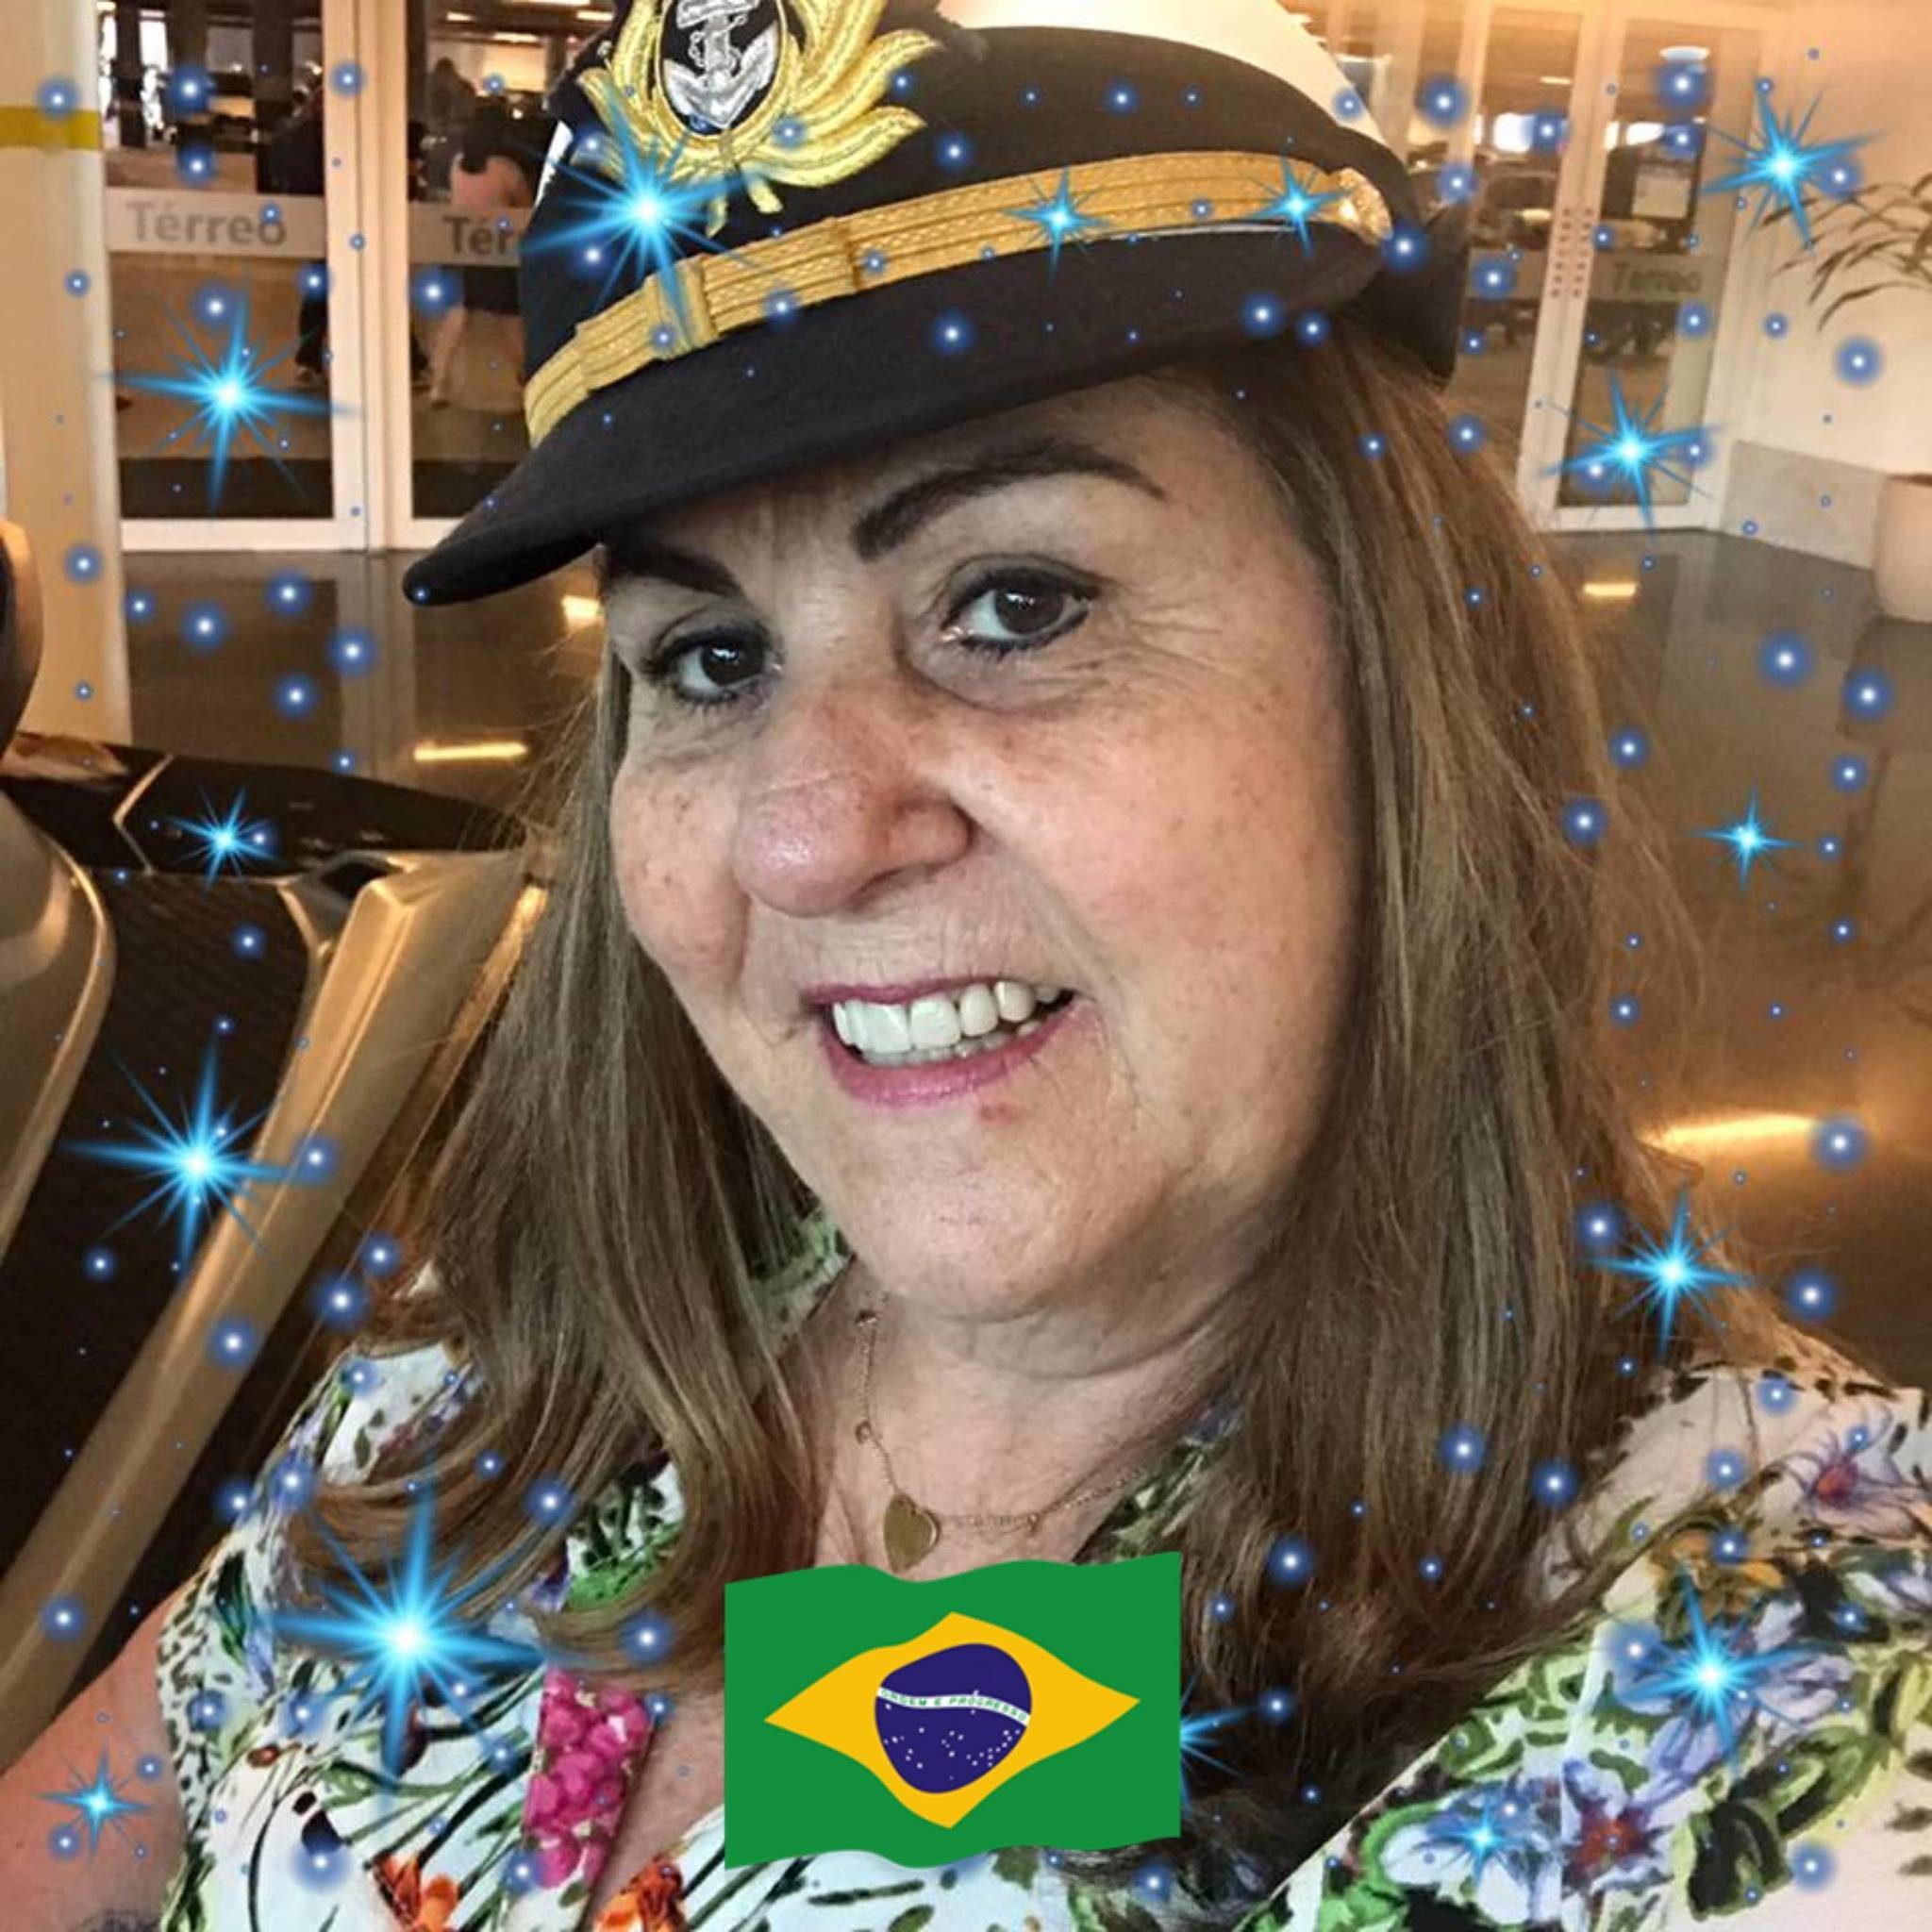 Lourdes Coutinho